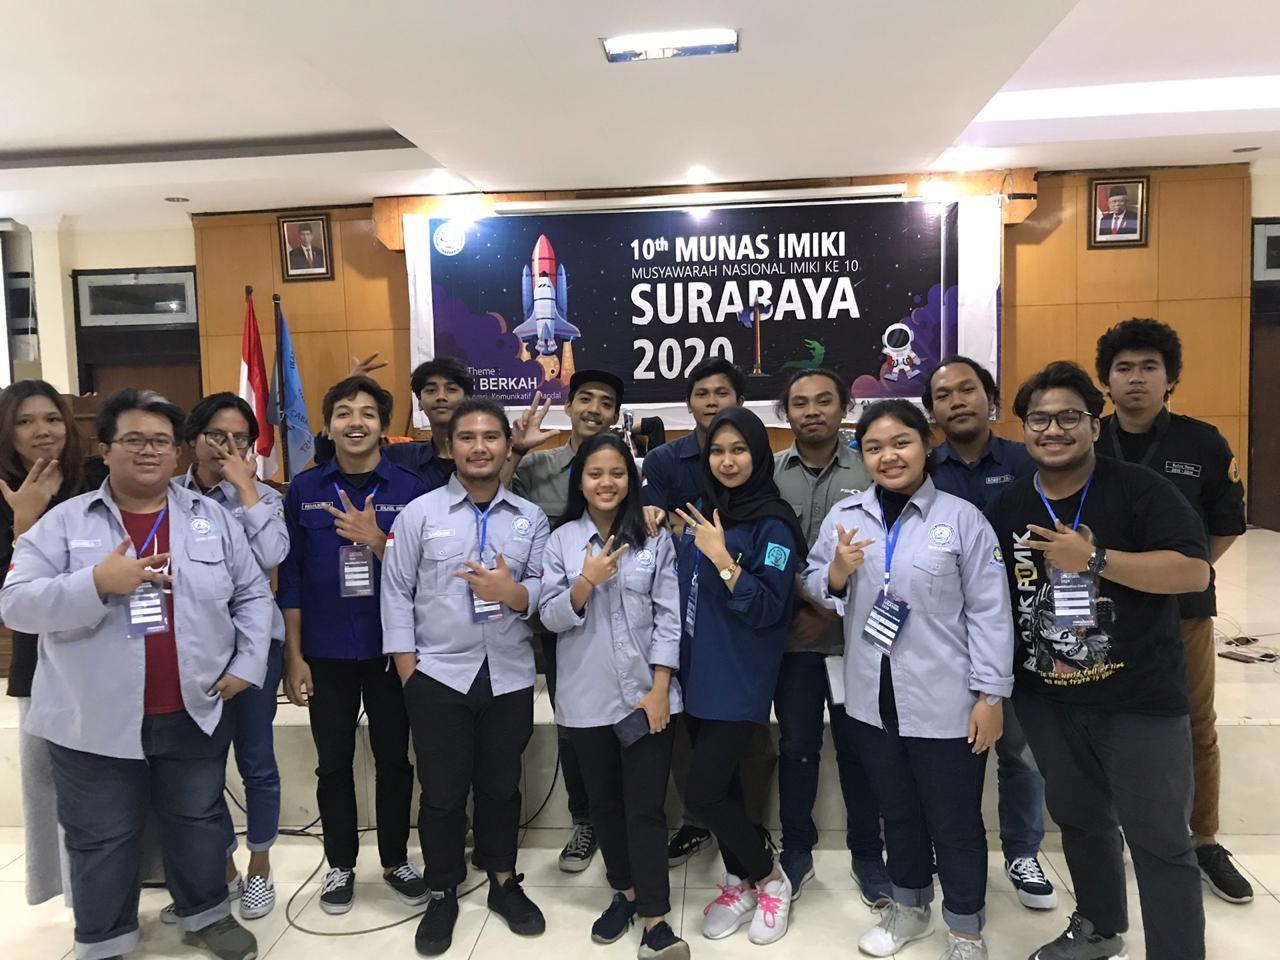 Mahasiswa Ilmu Komunikasi mengikuti Kegiatan Musyawarah Nasional X Ikatan Mahasiswa Ilmu Komunikasi Indonesia (IMKI)